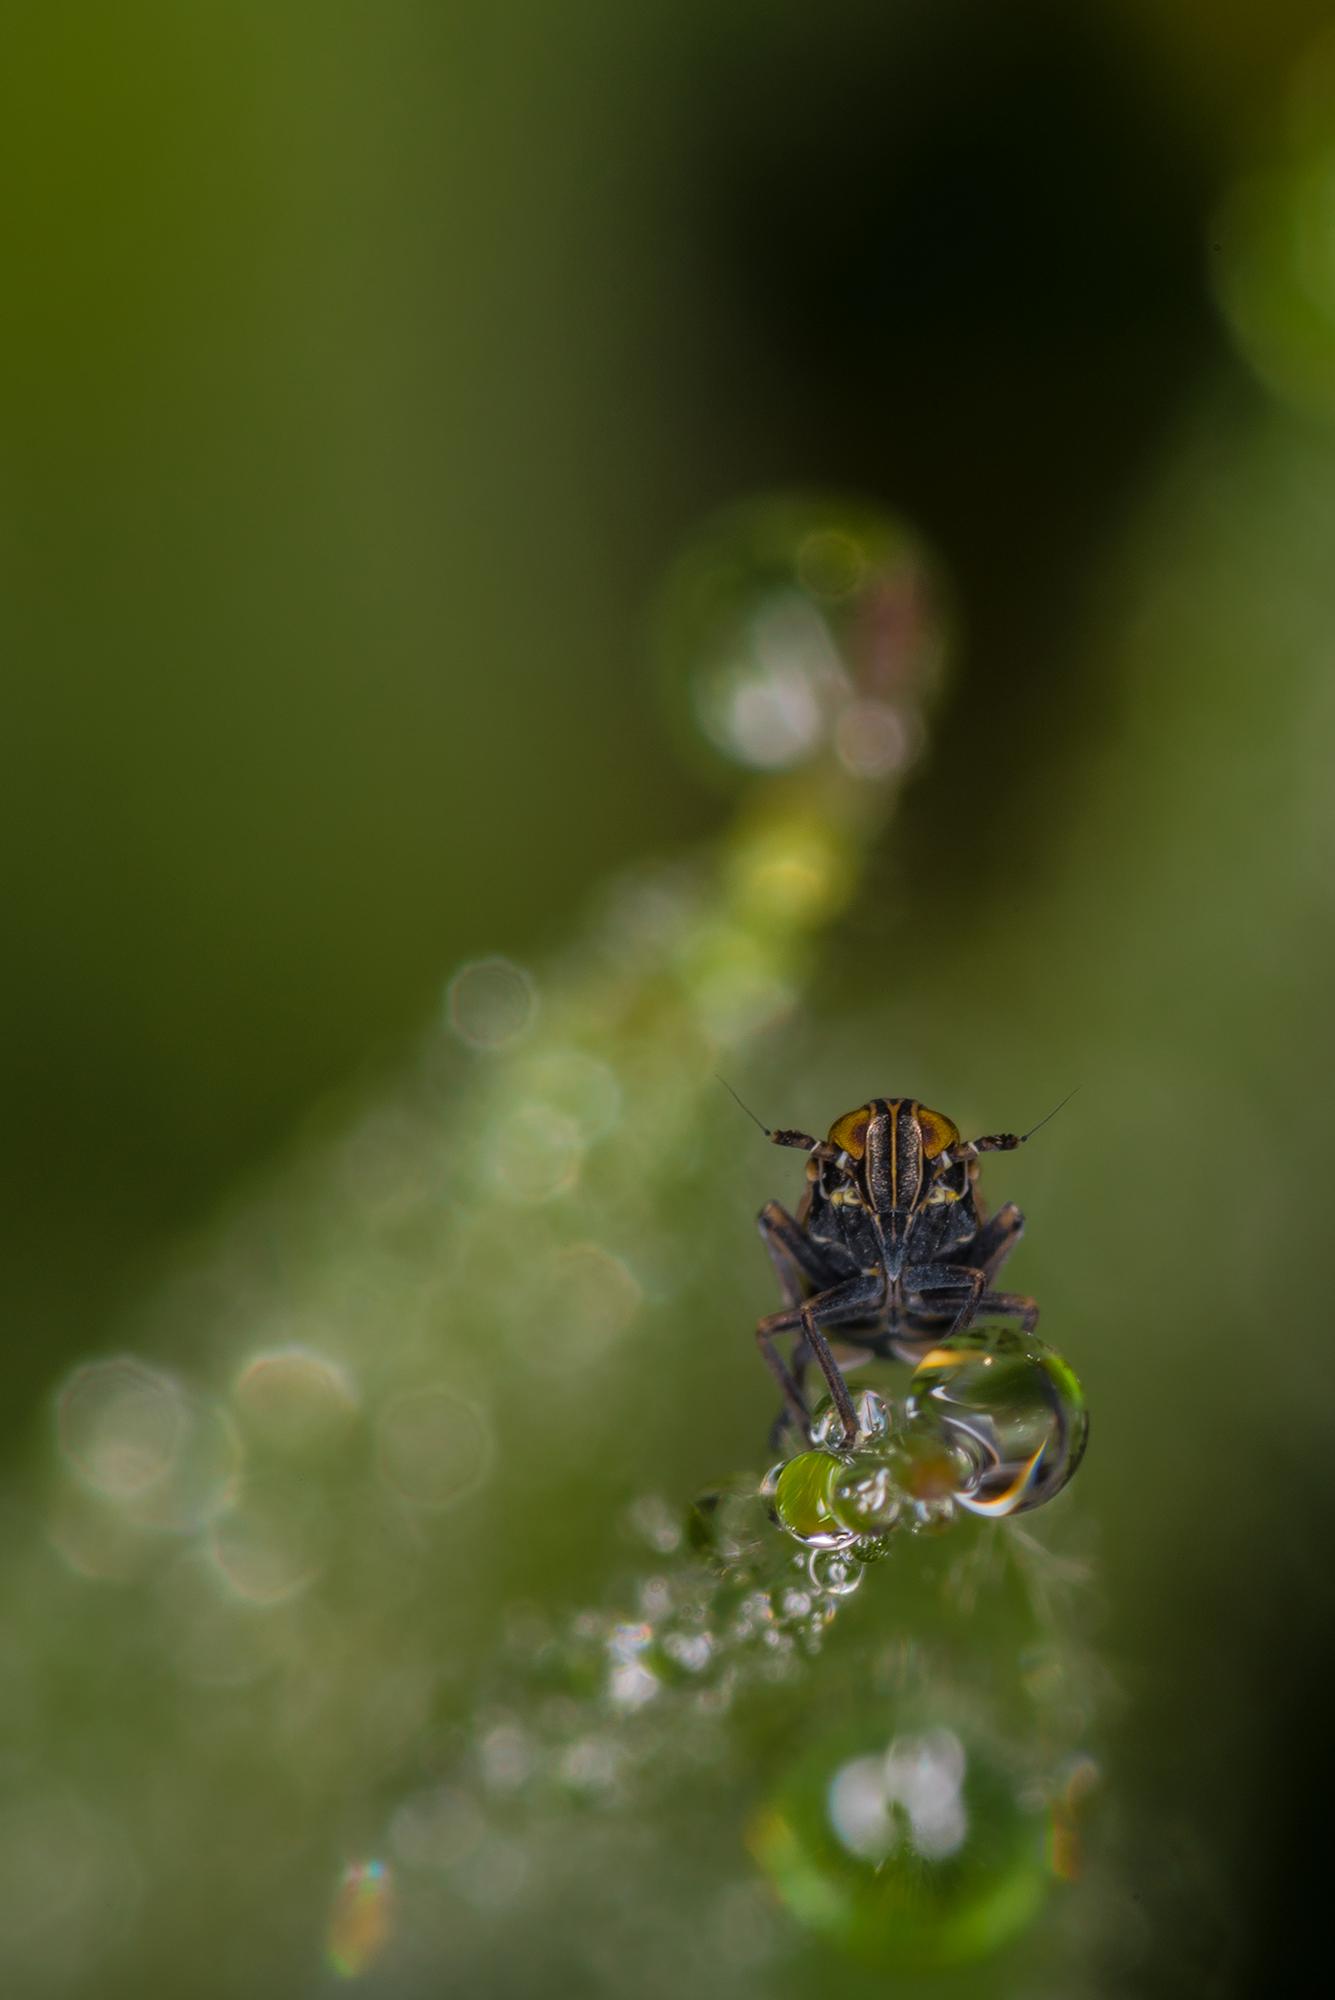 Portrait en macrophotographie d'une cicadelle (Cicadellidae sp.) dans la rosée